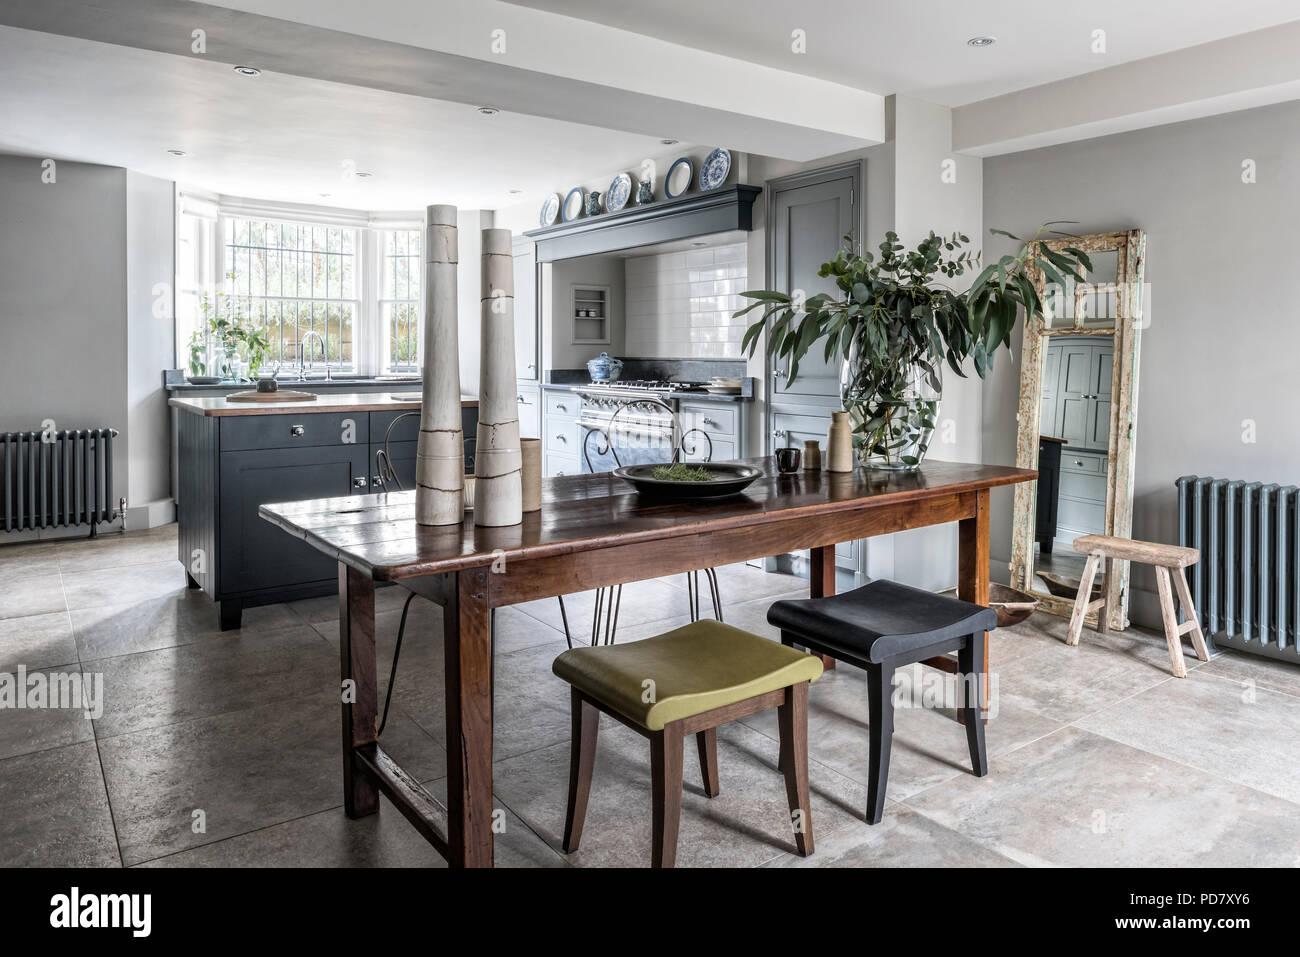 Sgabelli cucina design vintage cucina moderna vintage